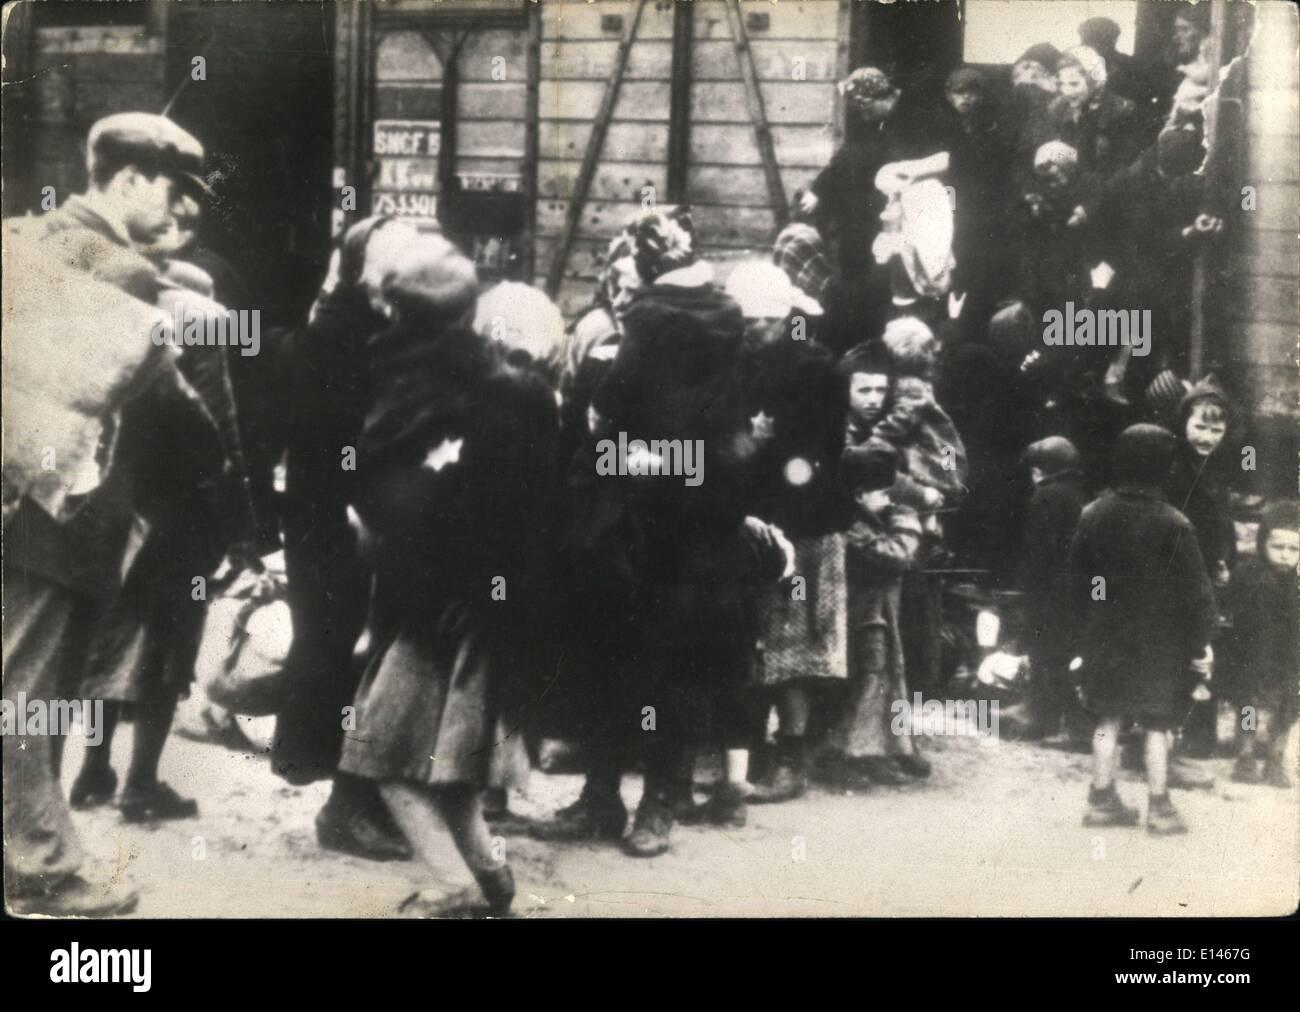 Apr. 16, 2012 - Auschwitz. - Stock Image